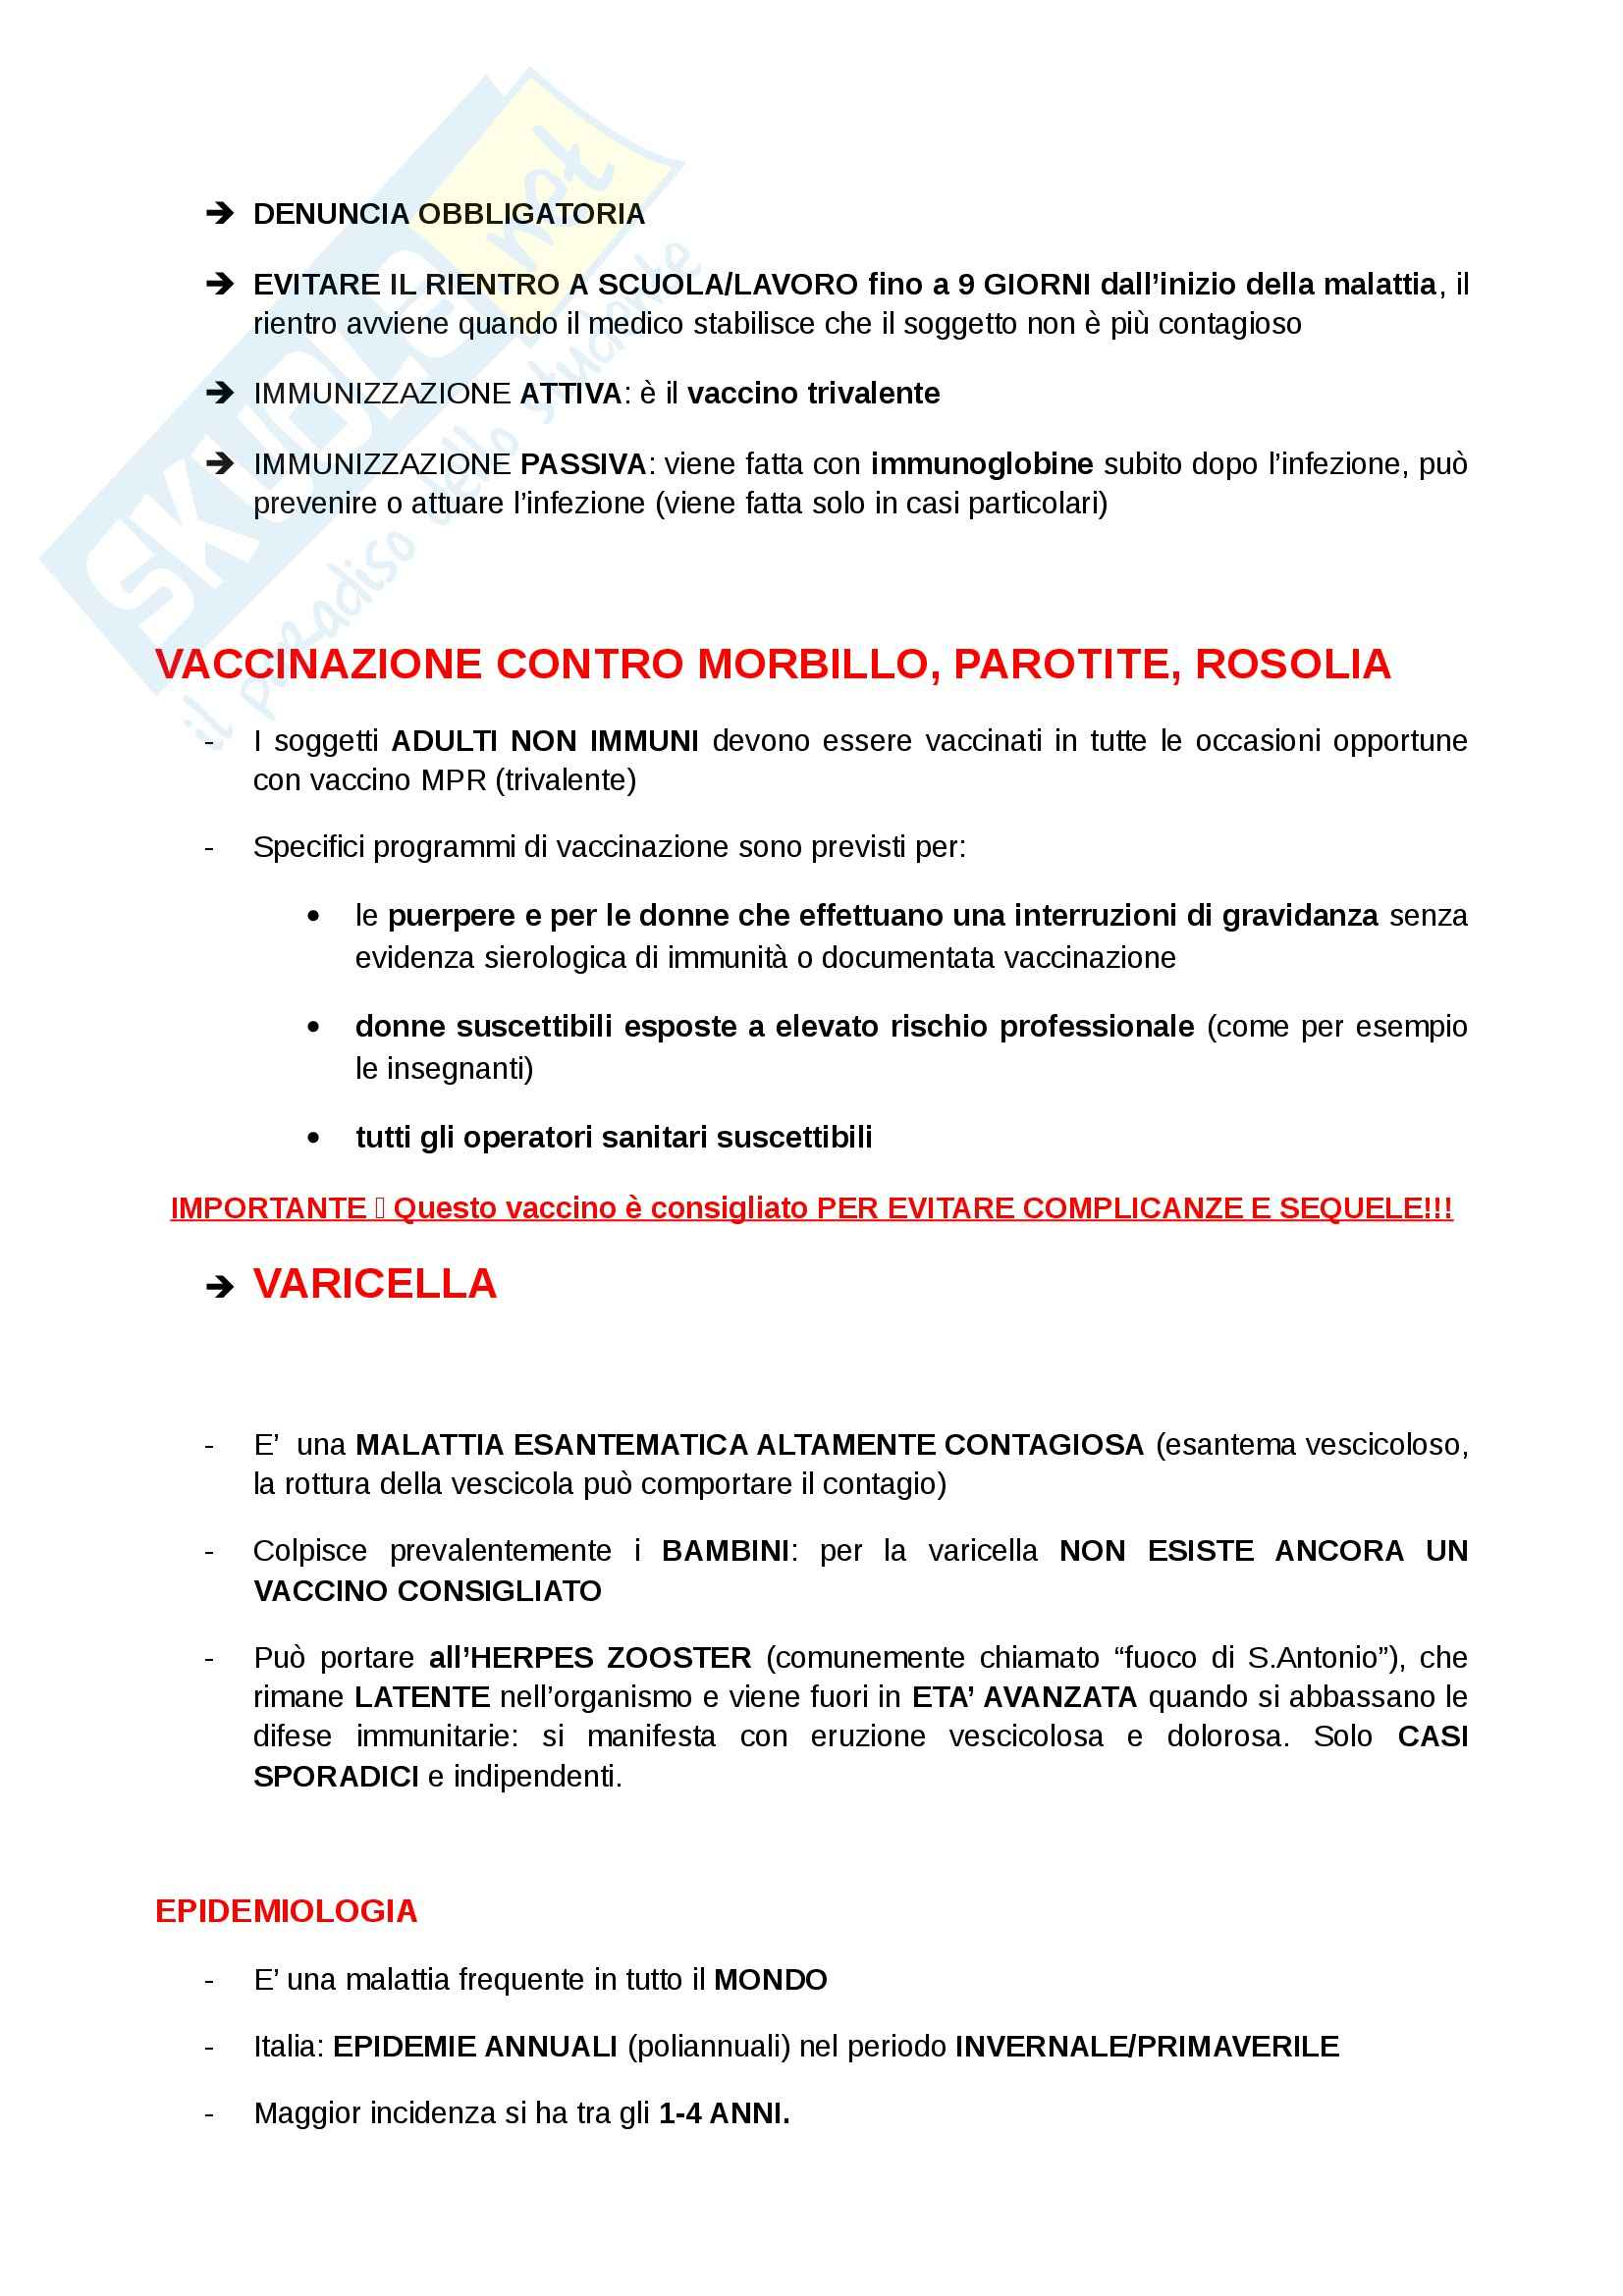 Igiene e sanità pubblica per le scienze motorie  - Appunti Pag. 51